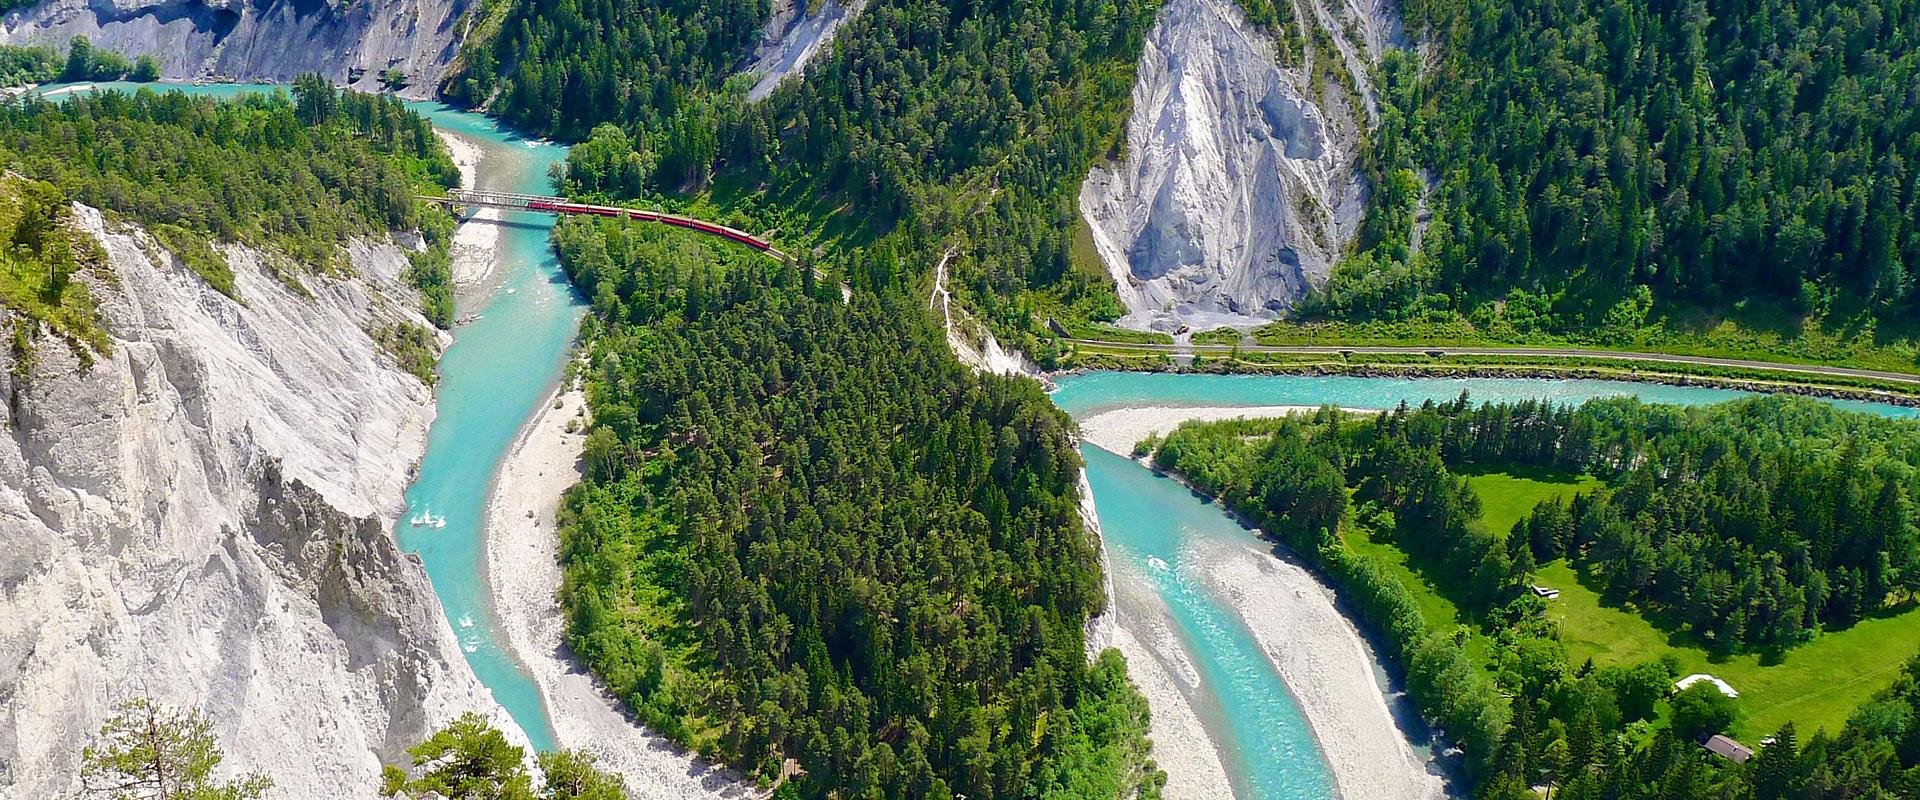 Rheinschlucht des Vorderrheins in Graubünden